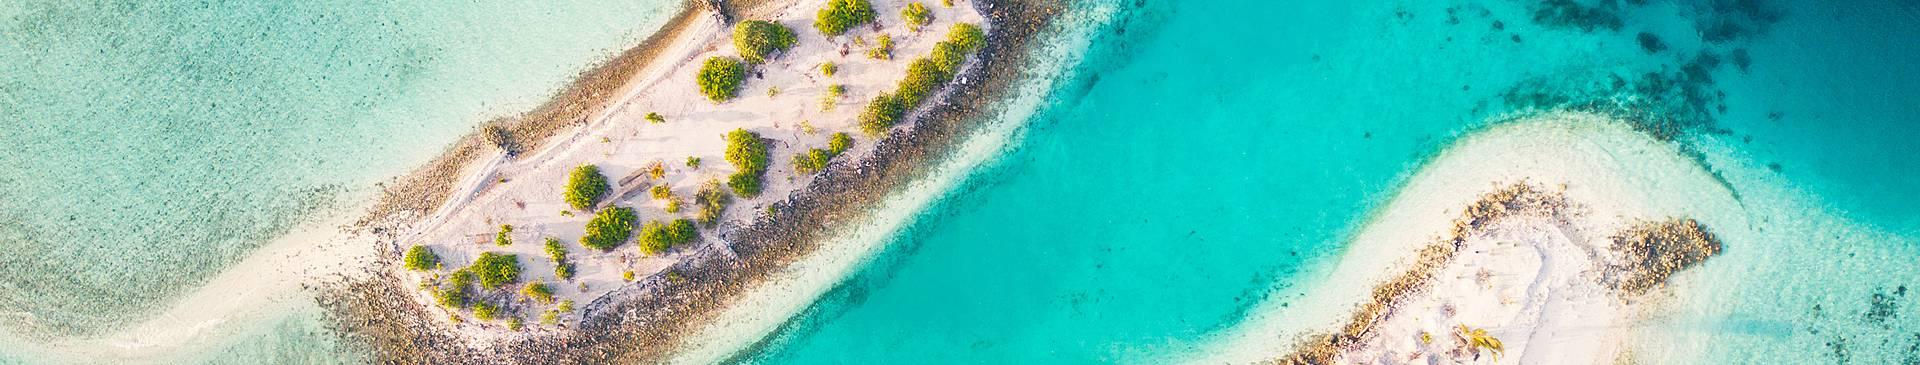 Découverte des îles des Maldives